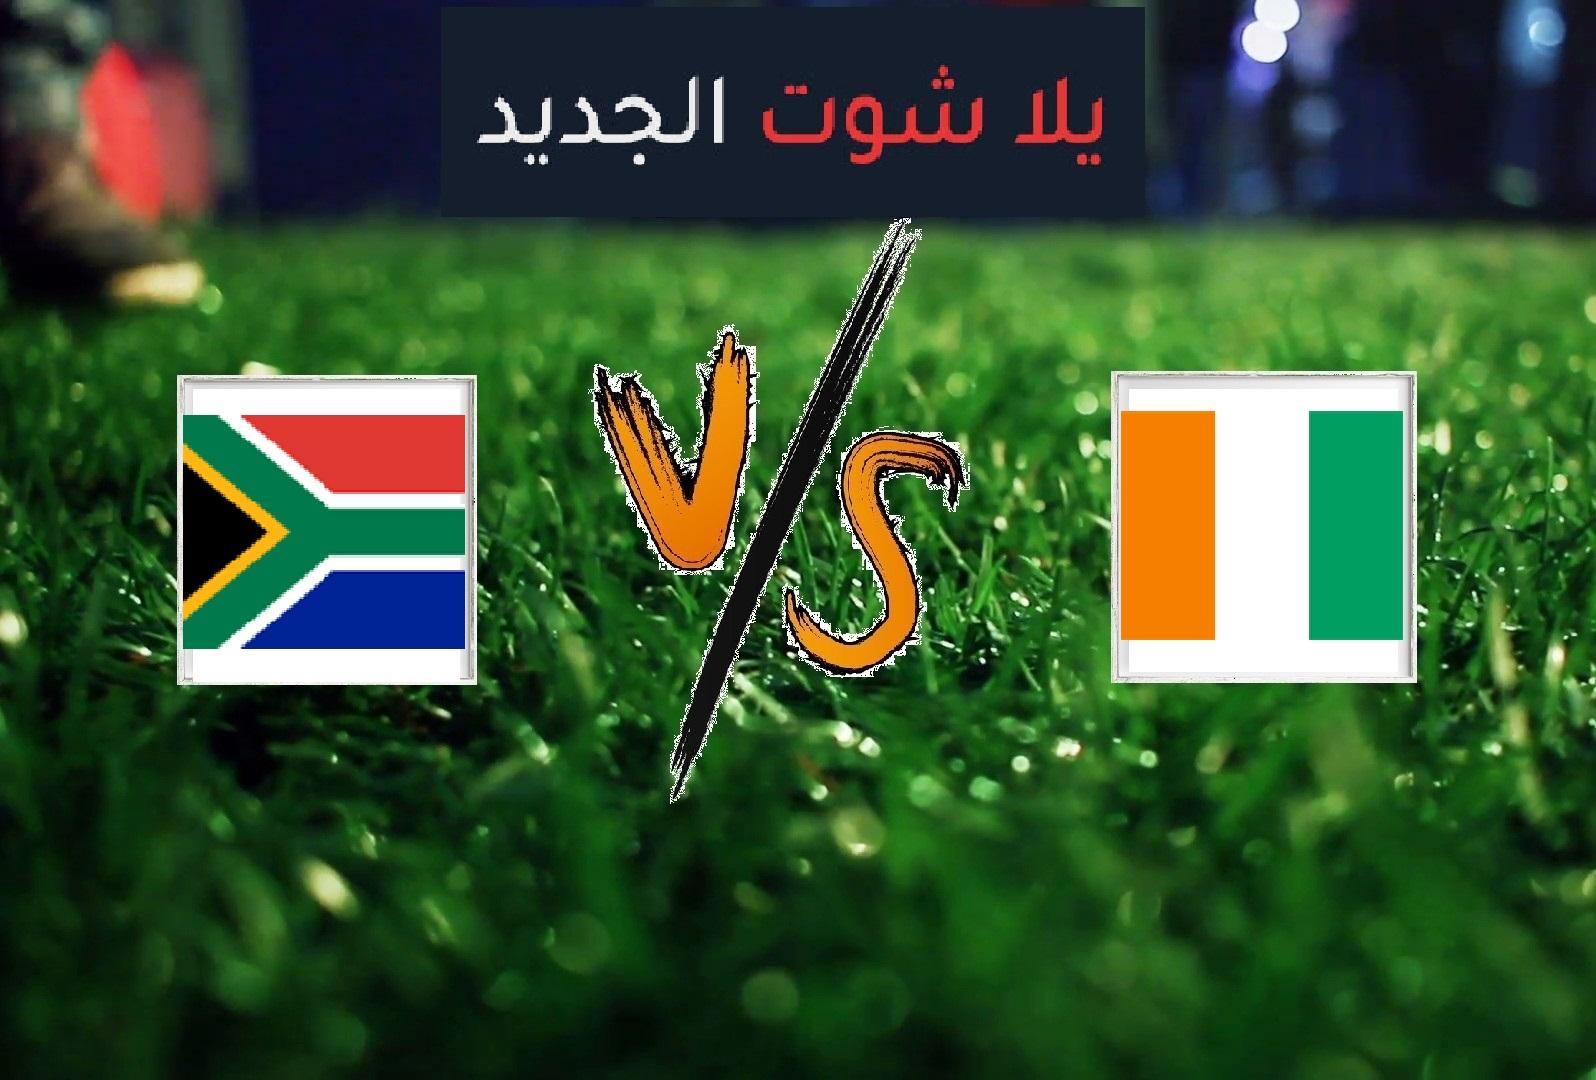 ساحل العاج يفوز على جنوب إفريقيا بهدف دون رد اليوم الاثنين بتاريخ 24-06-2019 كأس الأمم الأفريقية